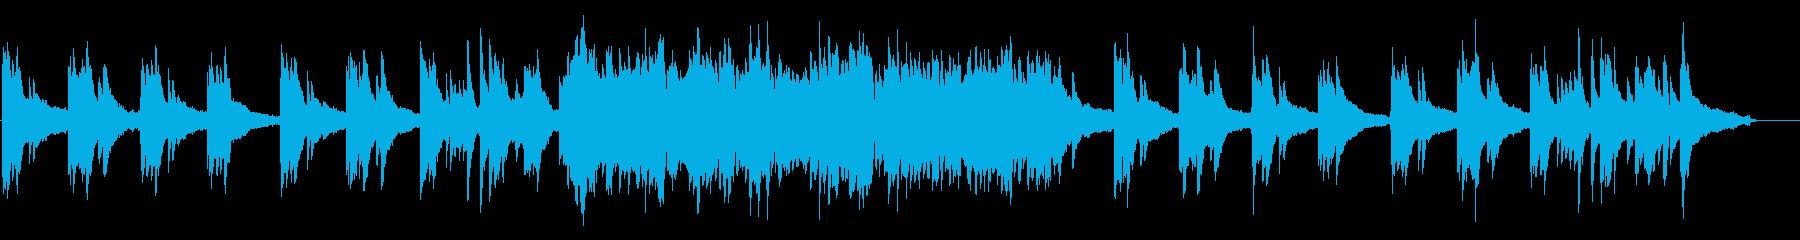 汎用性高!明るめ癒やしのソロピアノの再生済みの波形